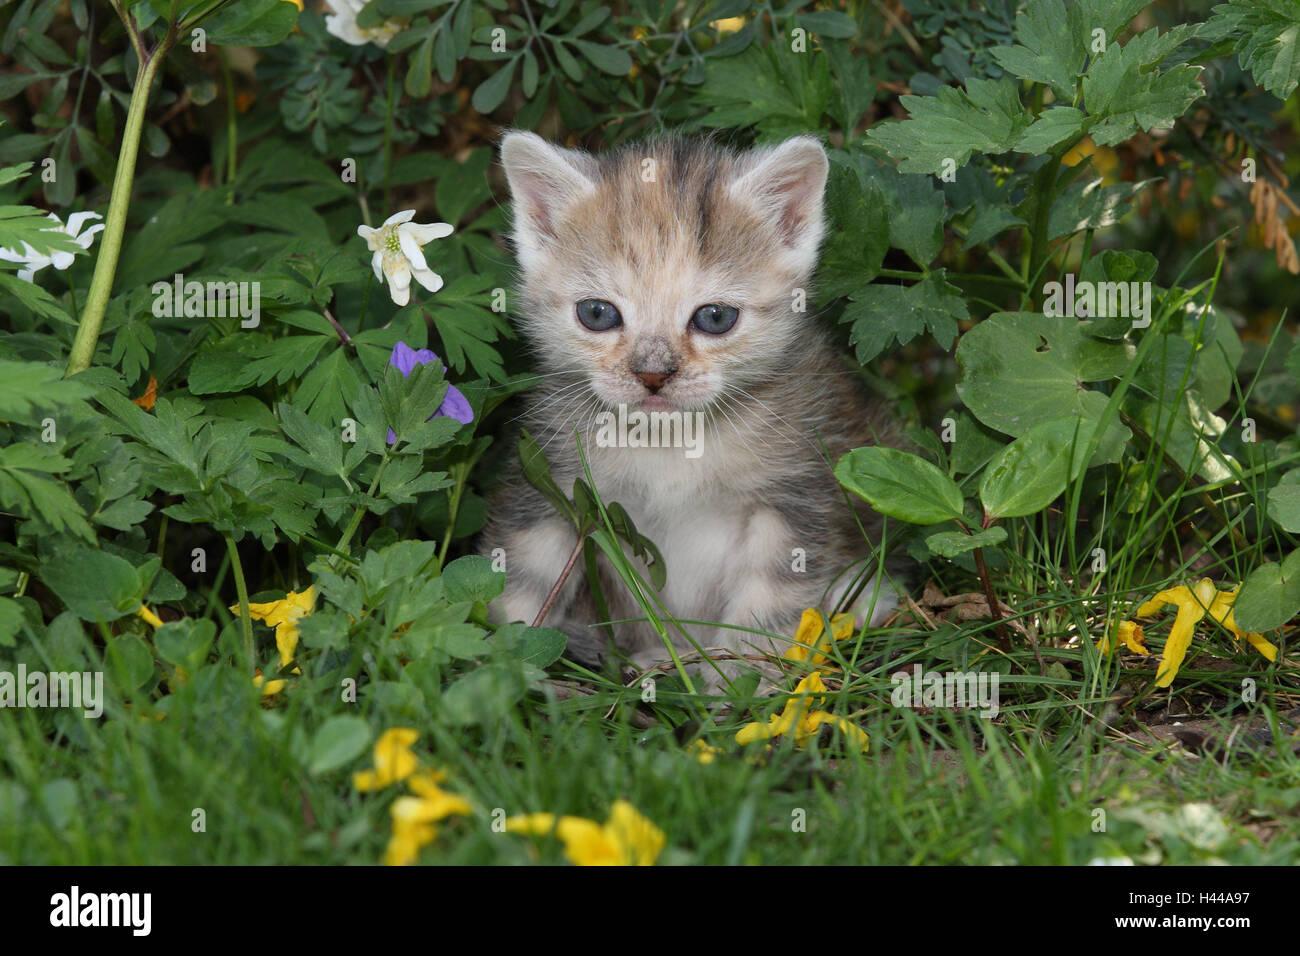 Katze, junge, sitzen, Wiese, Garten, Tiere, Säugetiere, Haustiere, kleine Katzen, Felidae, zähmt, junges Stockbild